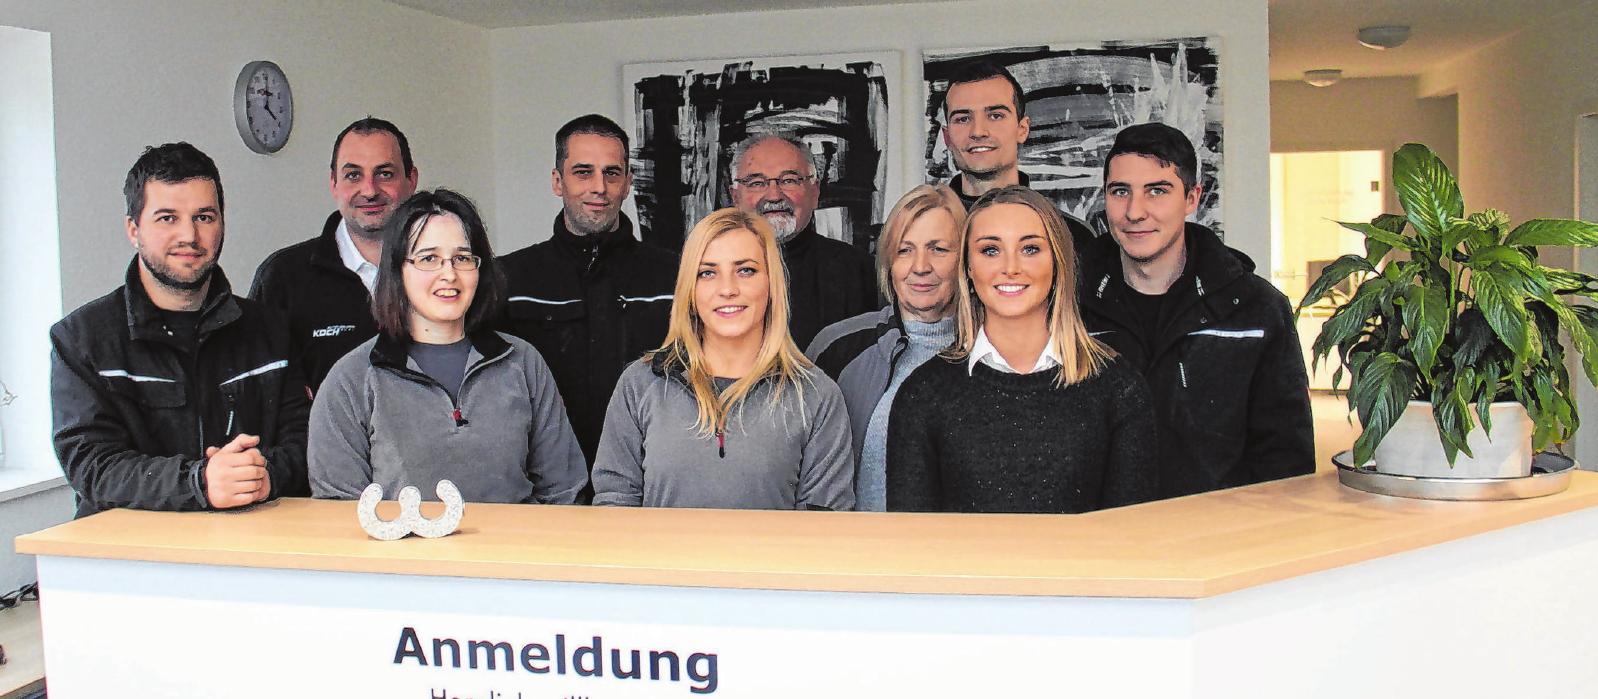 Das Team um Tilman Koch (2. von links) kümmert sich am Crailsheimer Standort um Schäden aller Art im Blechkleid oder im Innenraum des Fahrzeugs. Insgesamt beschäftigt Koch rund 40 Mitarbeiter in der Region. Foto: Marius Stephan